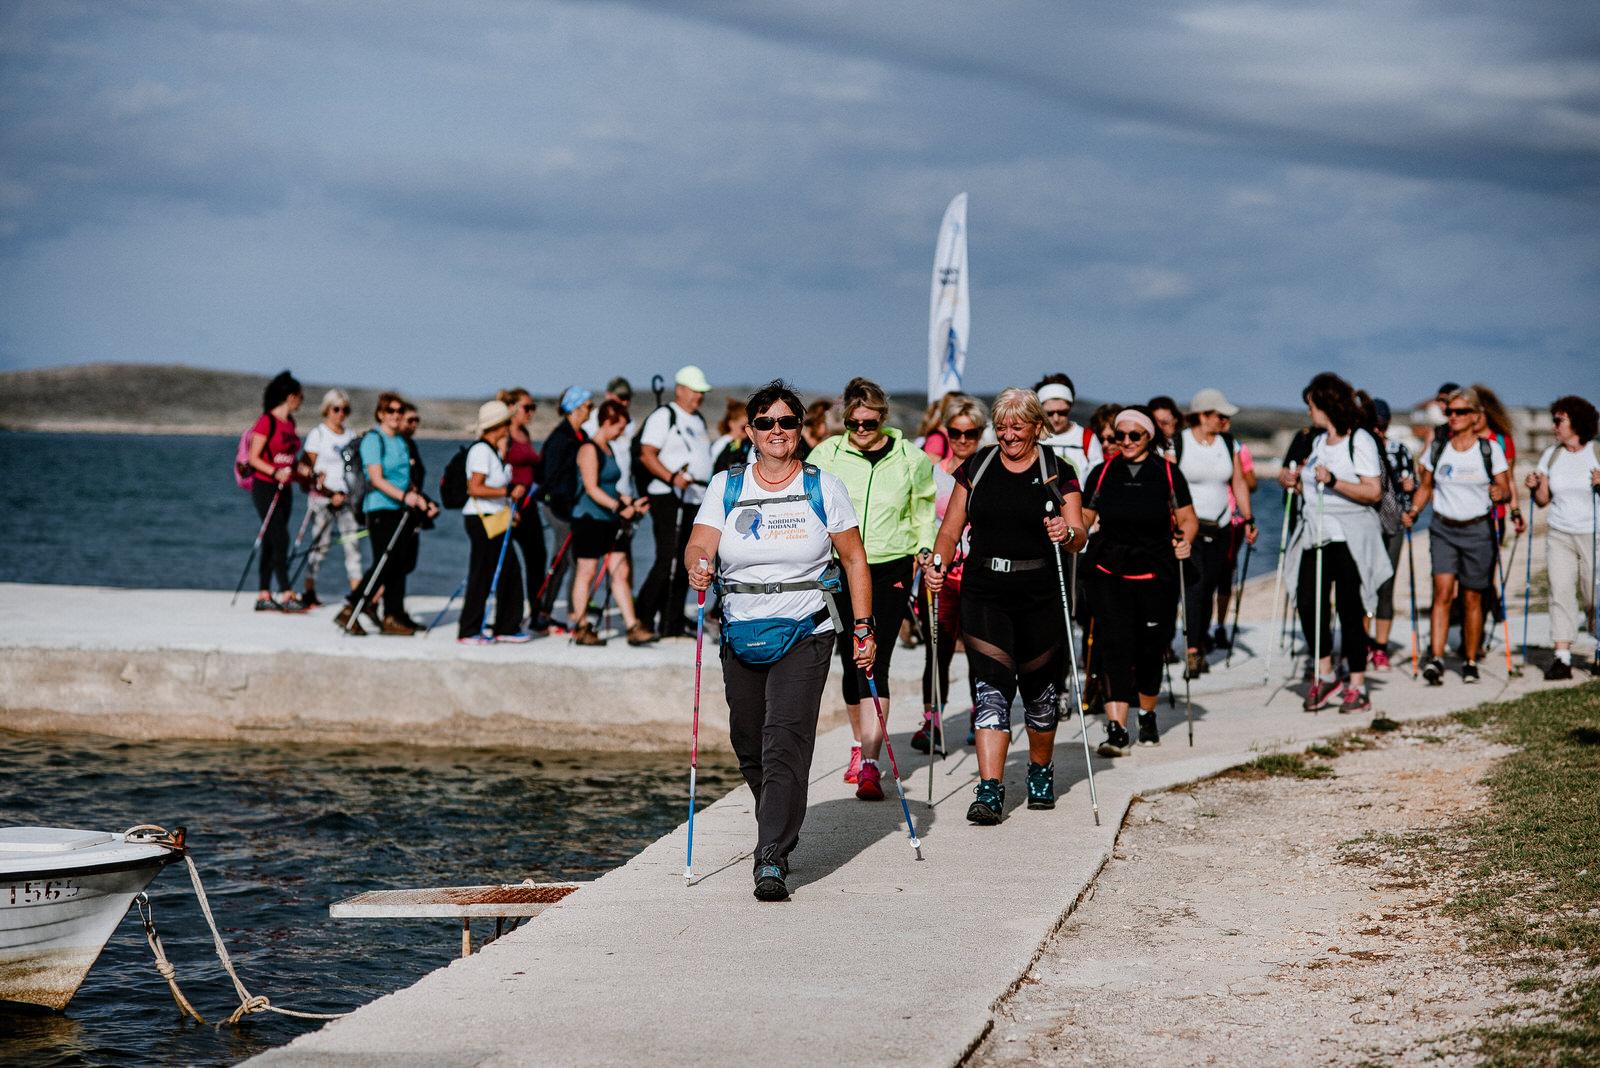 likaclub_nordijsko-hodanje-mjesečevim-otokom_pag-2019-14